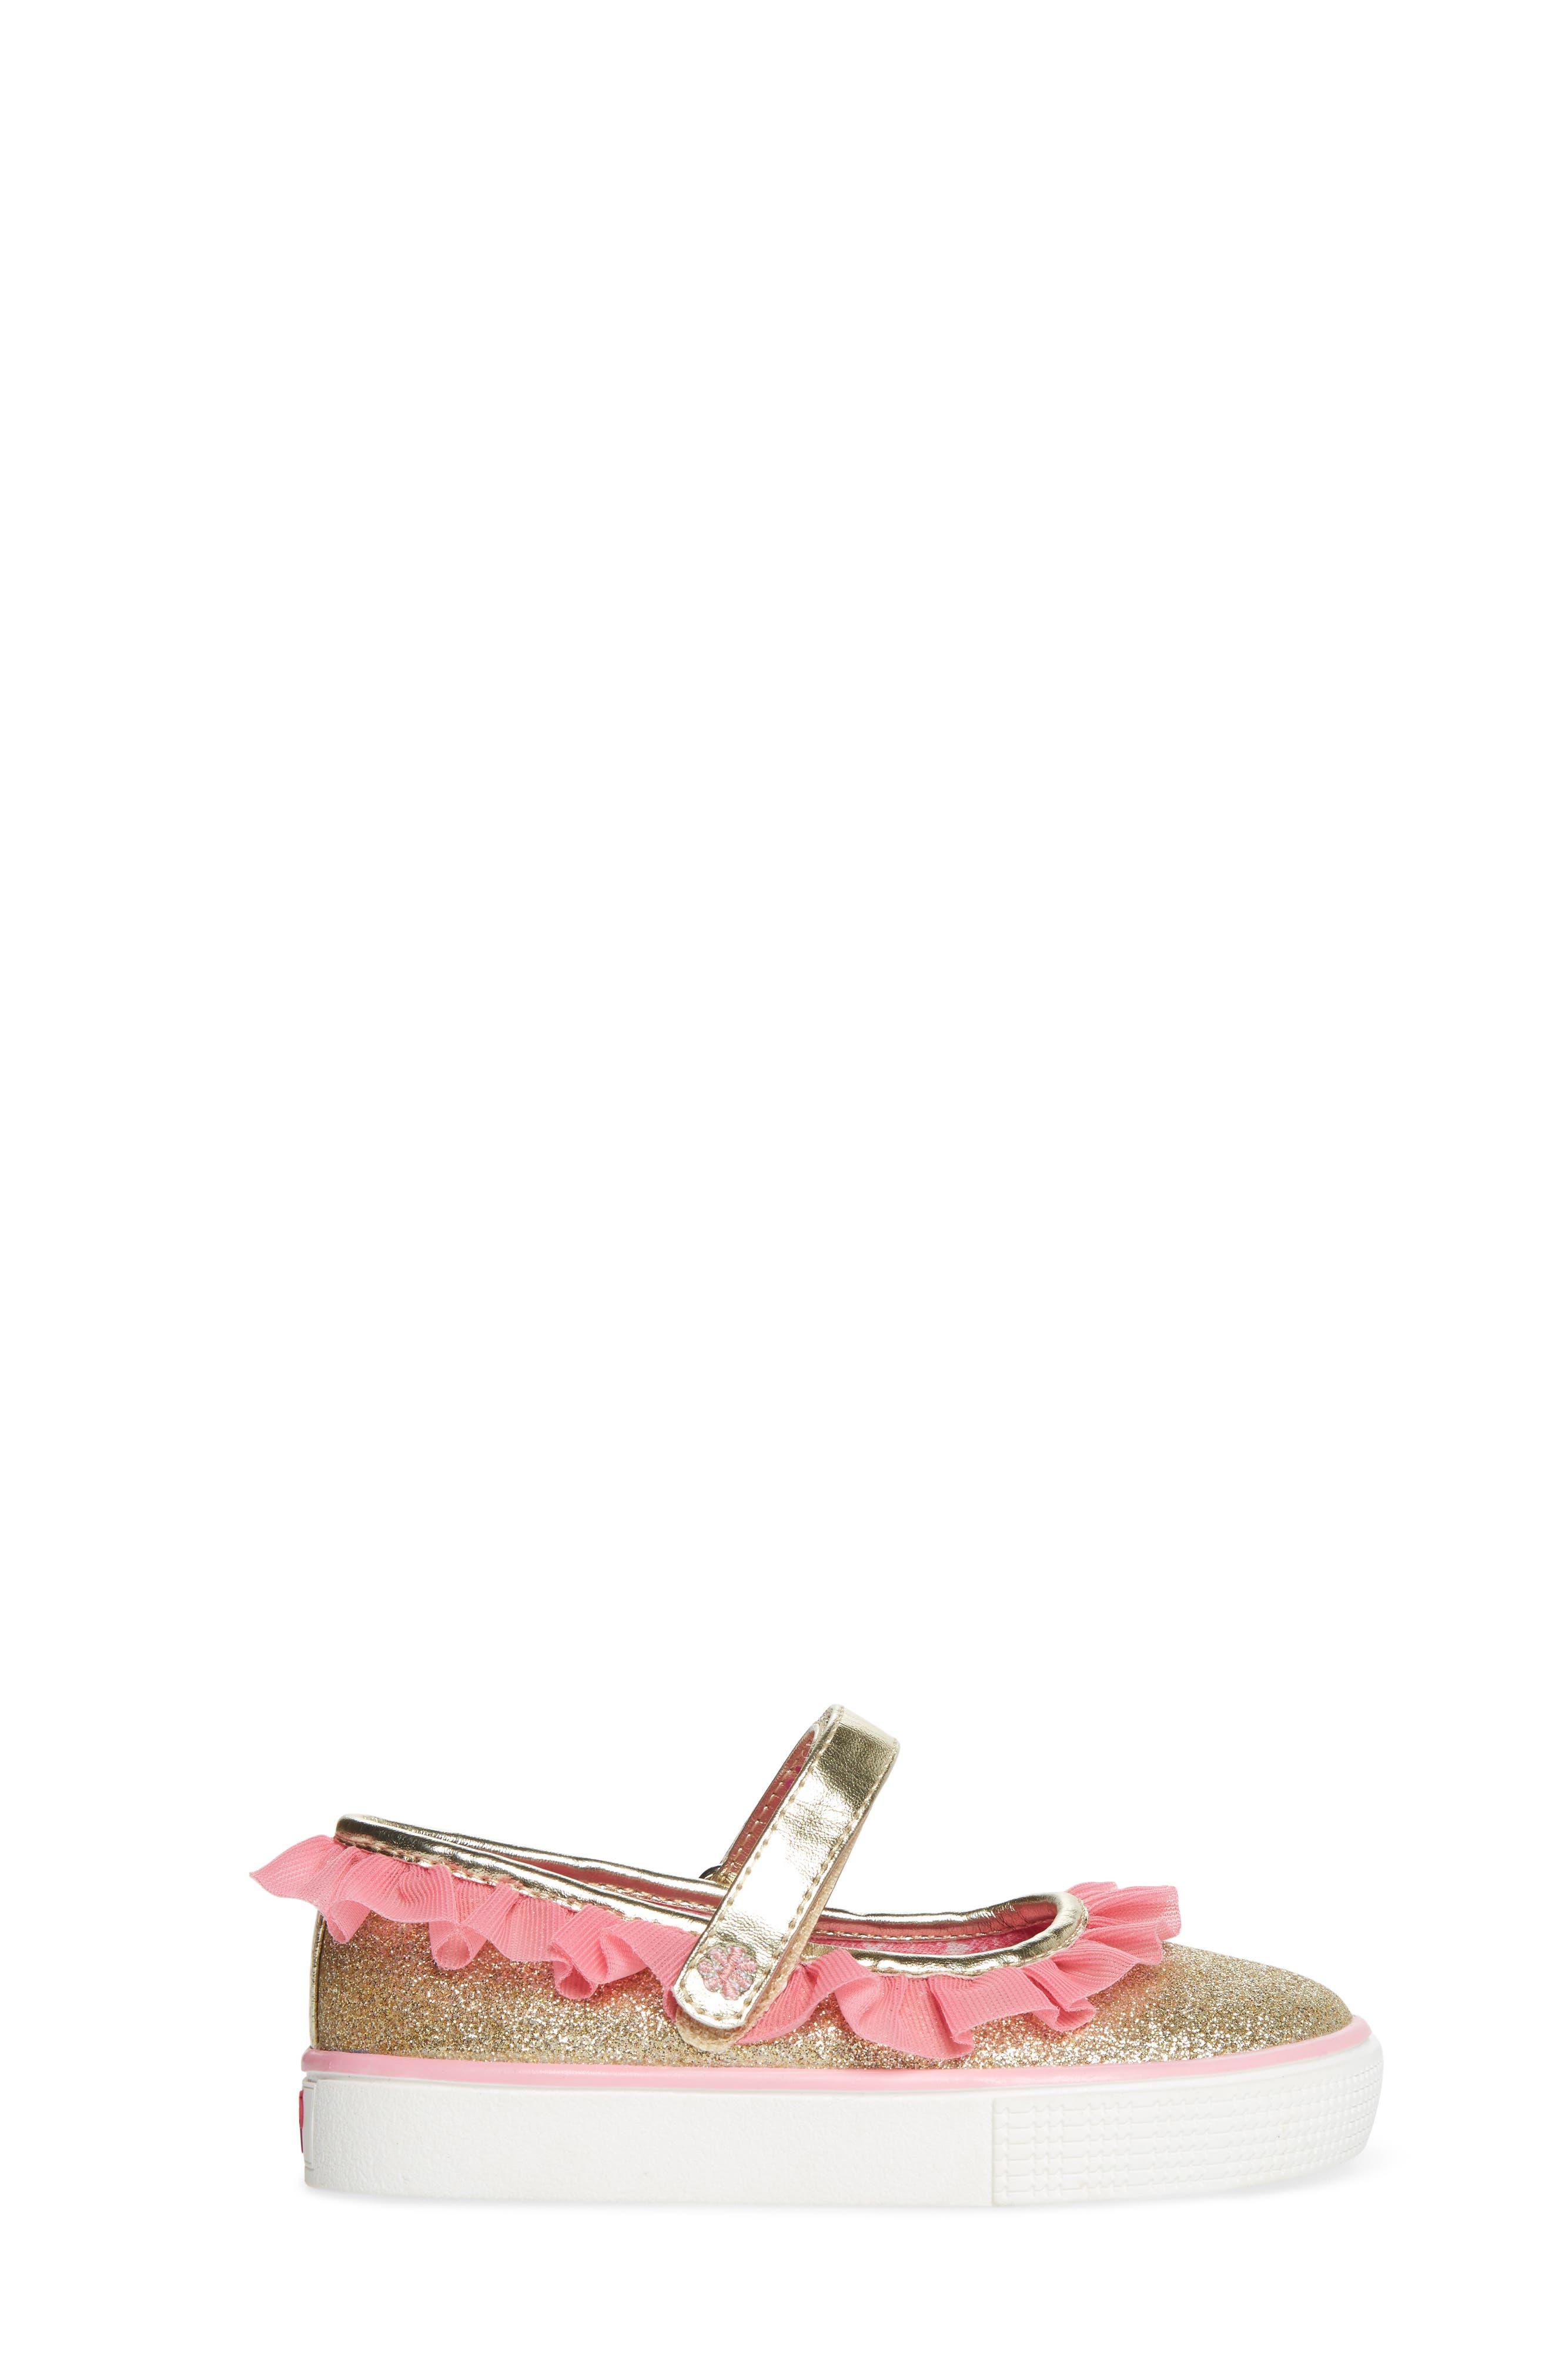 Ashlyn Tulle Mary Jane Sneaker,                             Alternate thumbnail 3, color,                             710